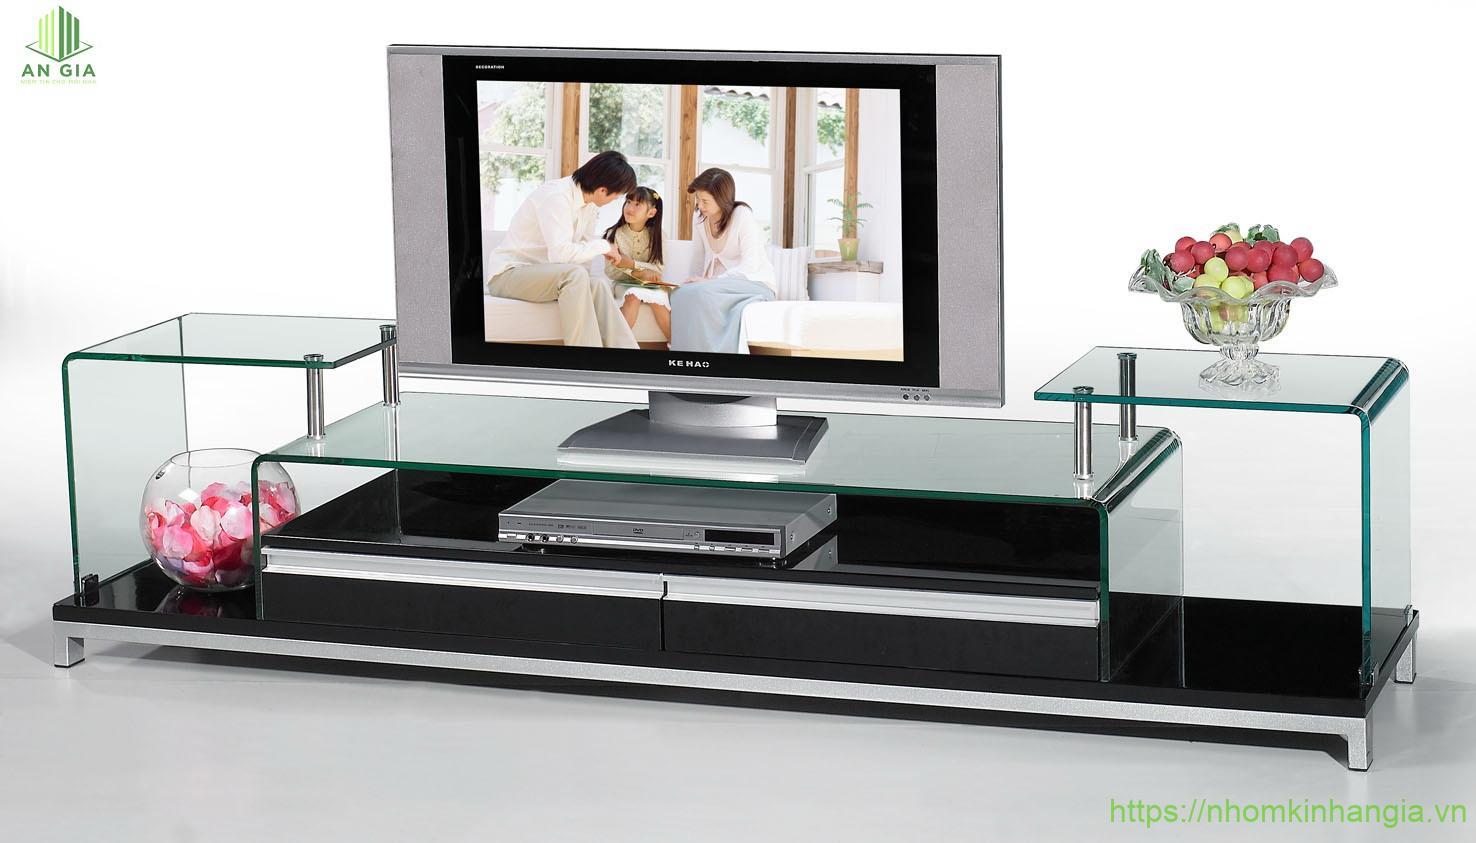 Mẫu 17: Tầng đặt tivi có độ cao thấp hơn so với khung kính trang trí nhờ đó tạo nên sự cân bằng trong thiết kế cho sản phẩm